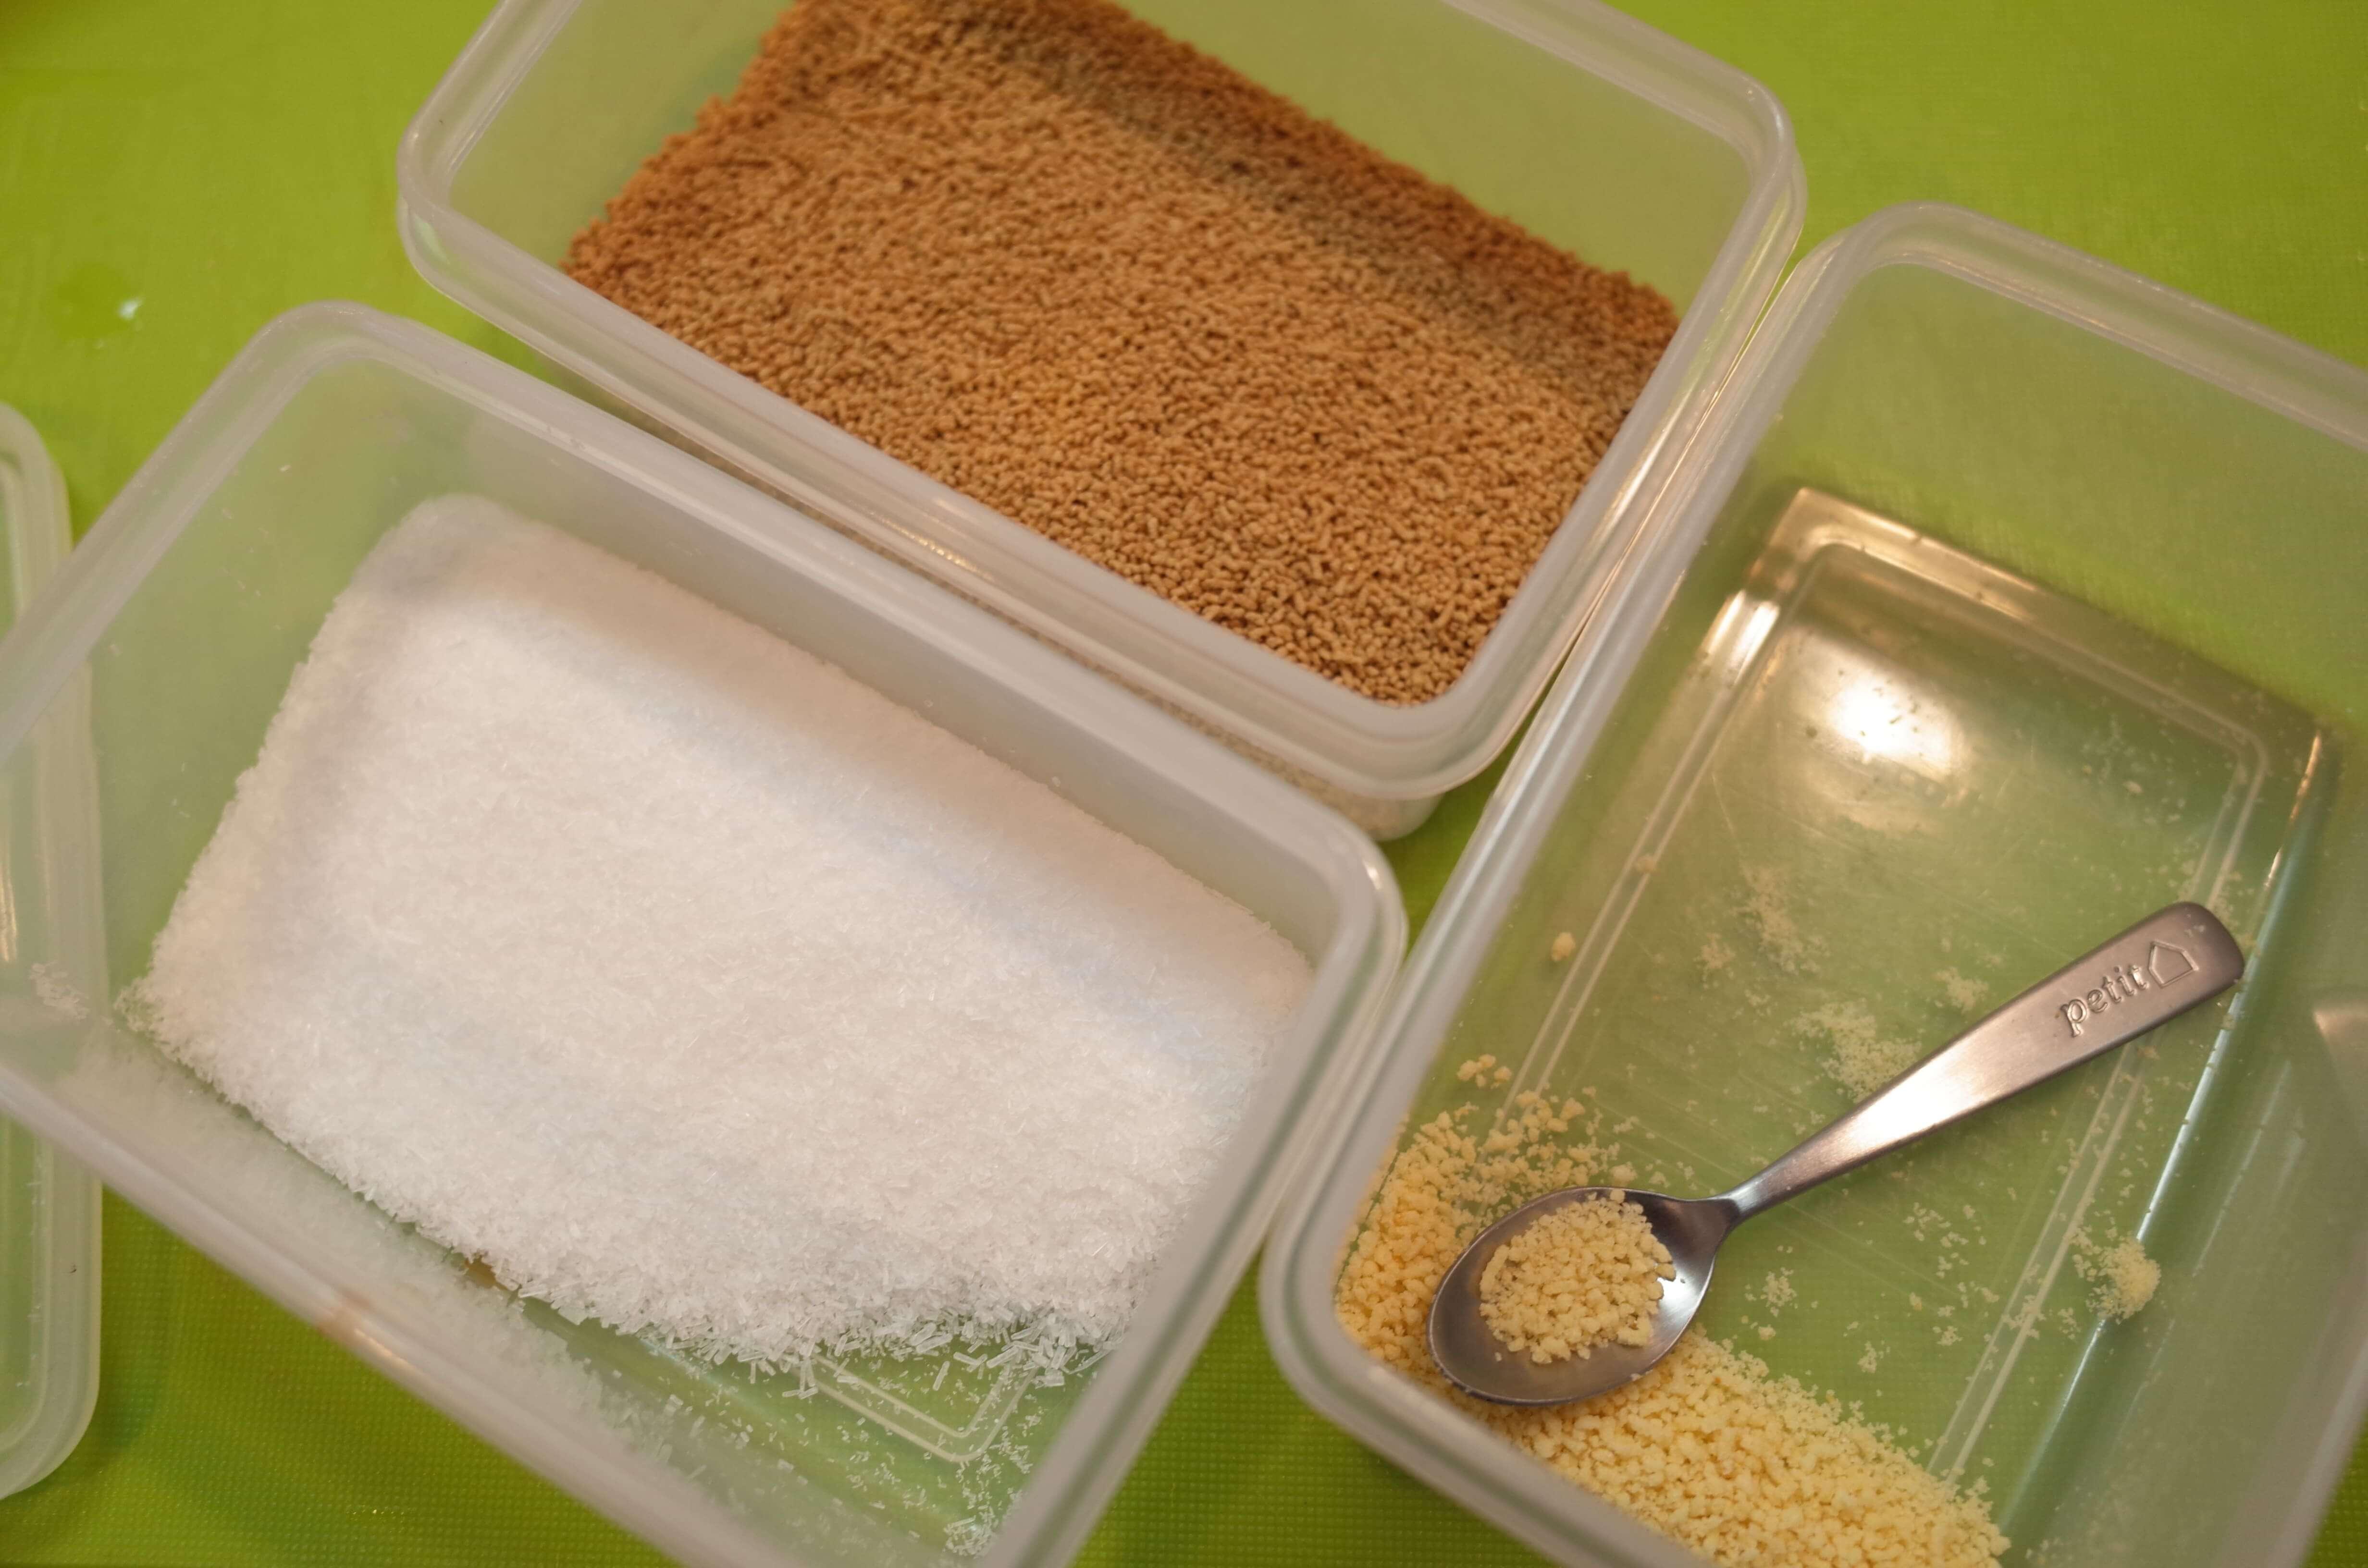 粉末化学調味料でつくる簡単ラーメンスープが美味しい!うま味を科学した「パウダーラーメン」